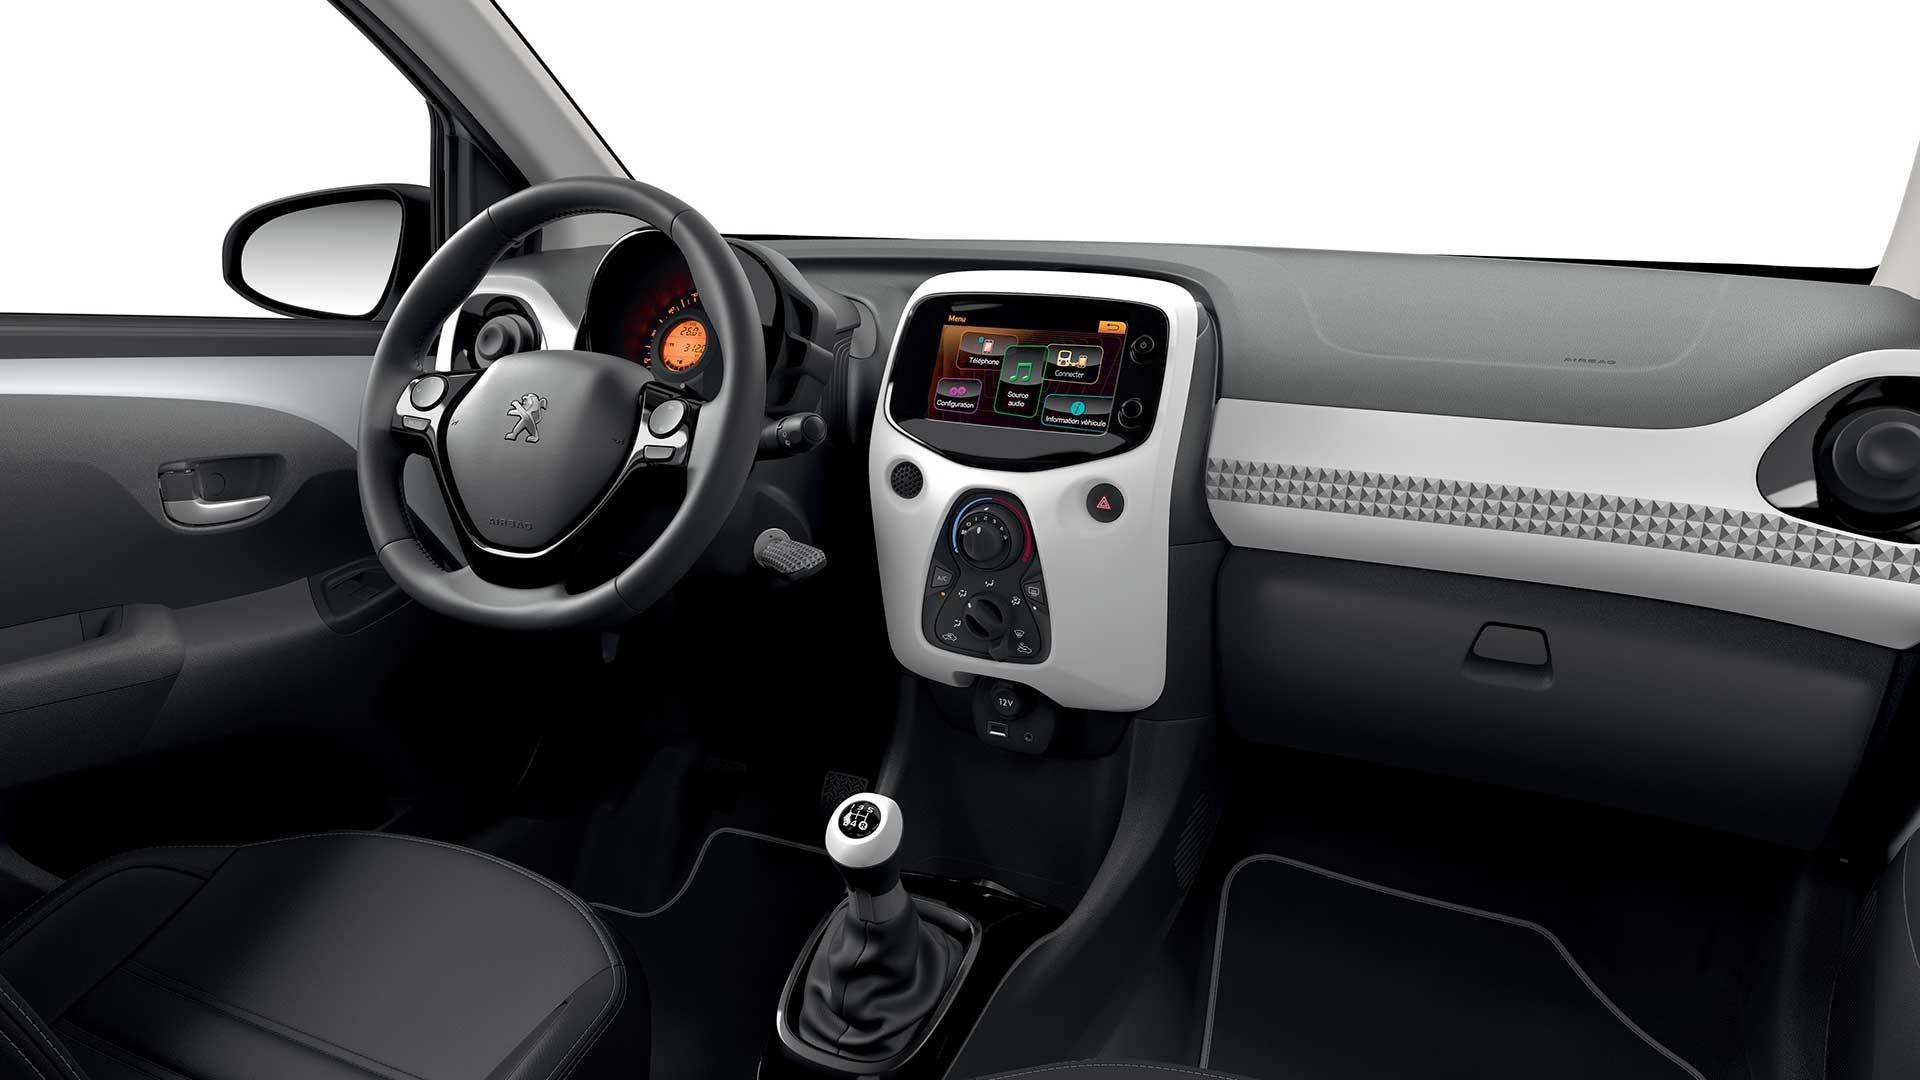 Peugeot 108 5 deurs prijs